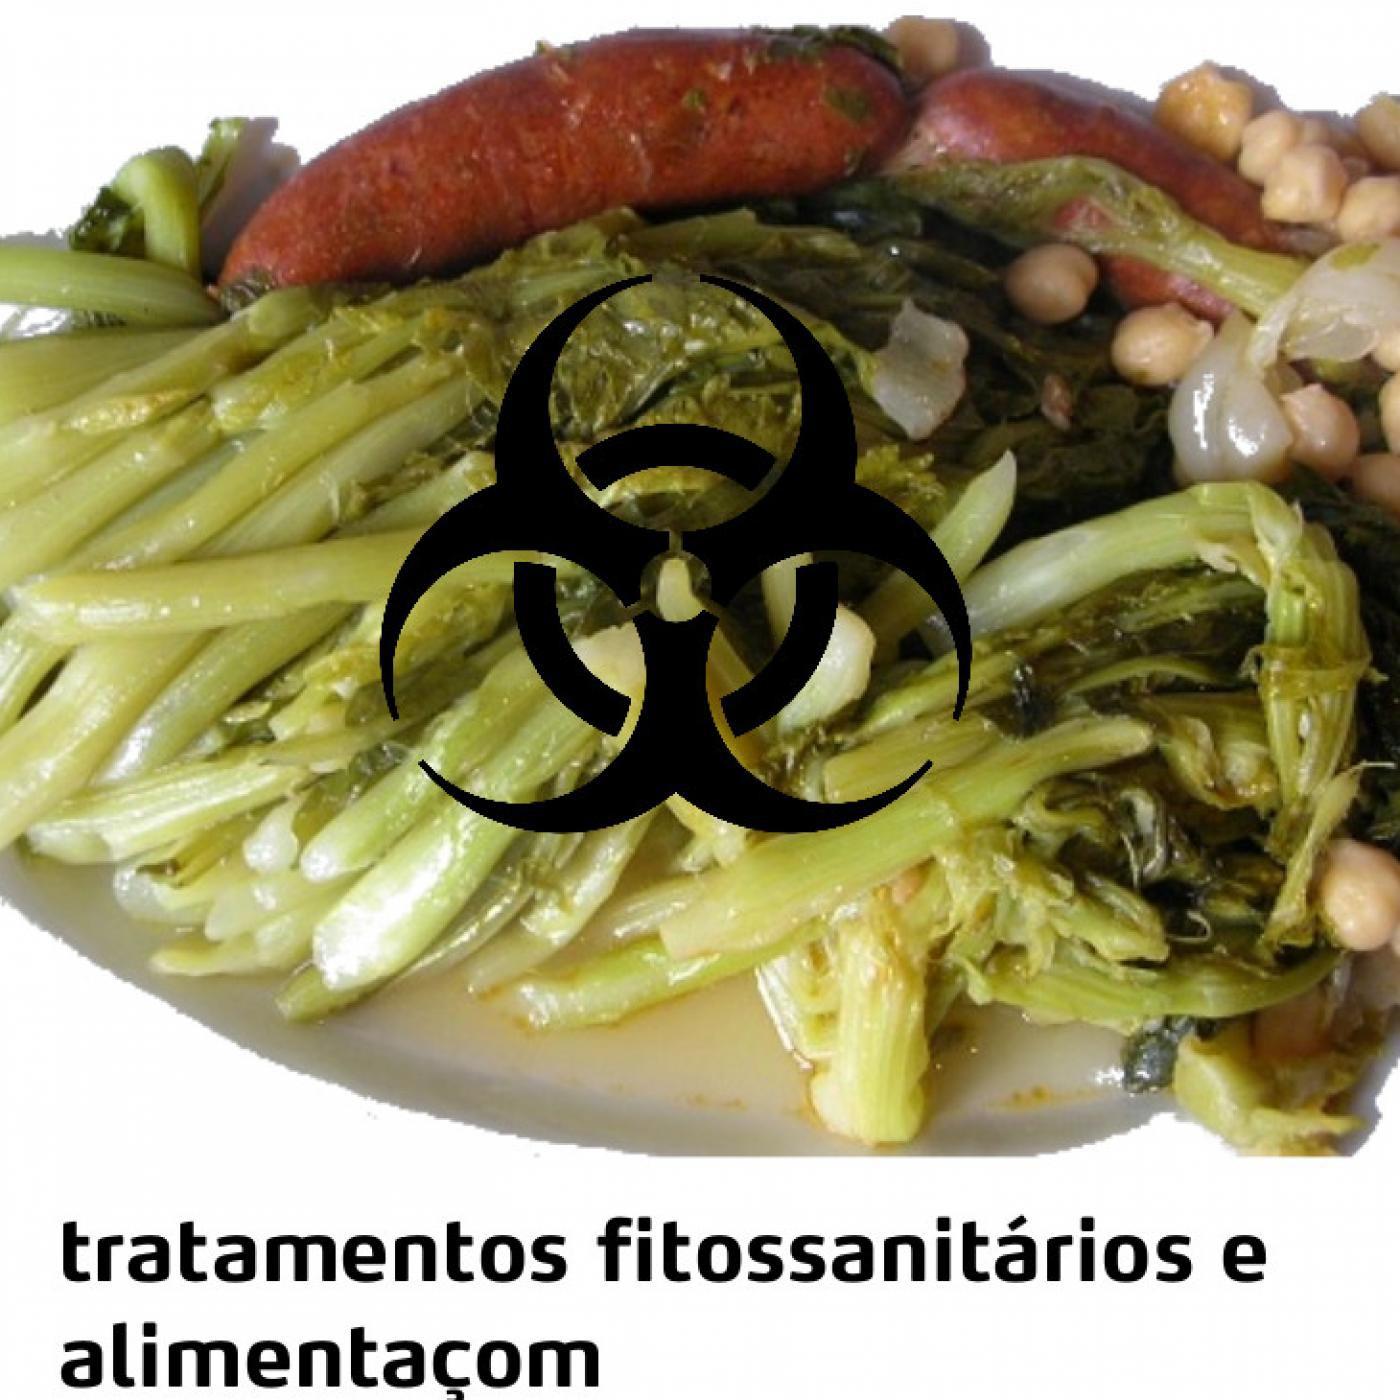 O veneno está na mesa? Tratamentos fitossanitários na alimentaçom